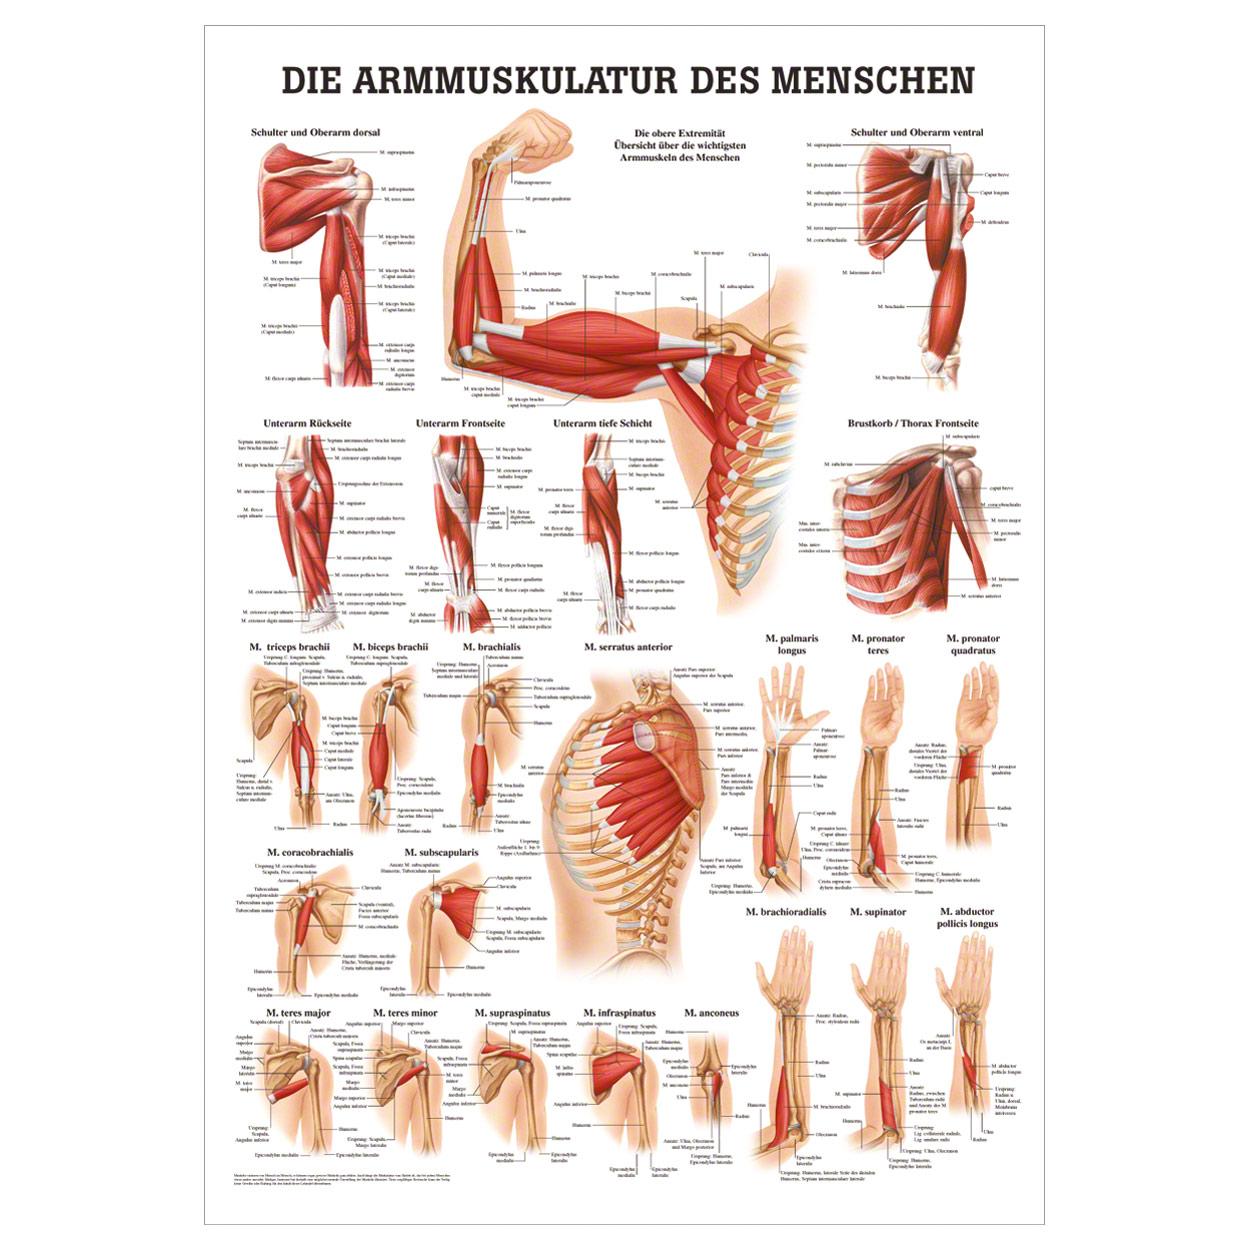 Atemberaubend Anatomie Des Fensters Bilder - Menschliche Anatomie ...